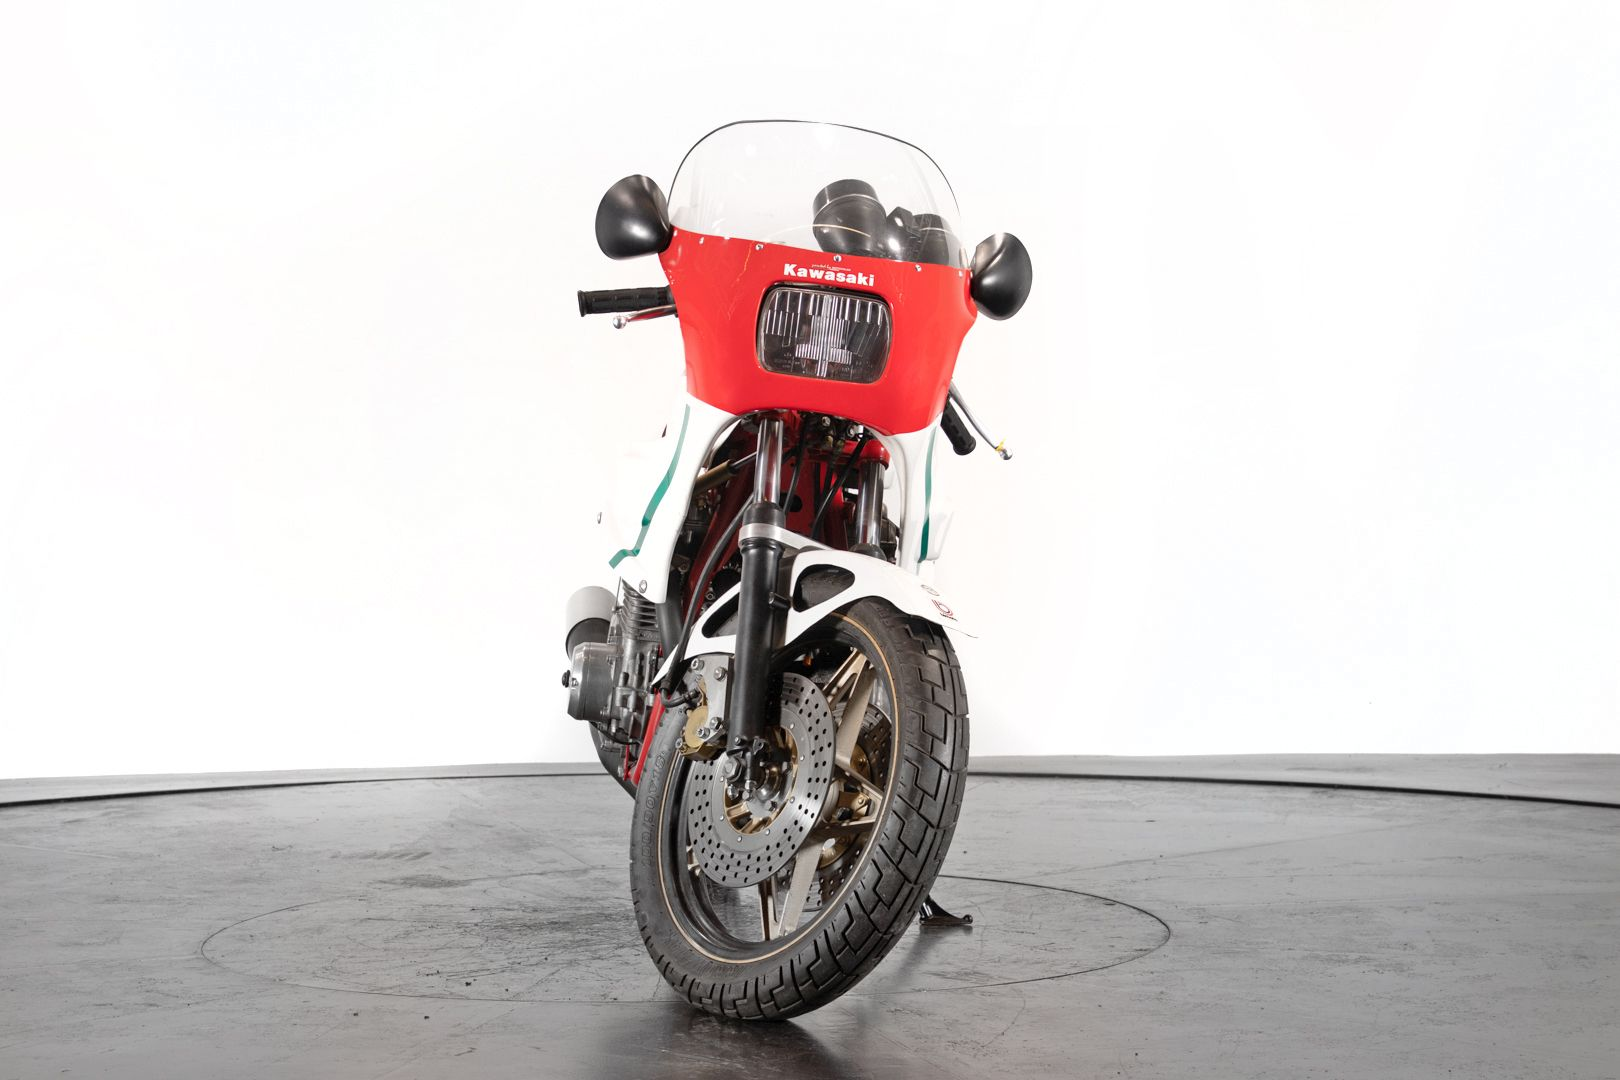 1976 Kawasaki Bimota 900 74823